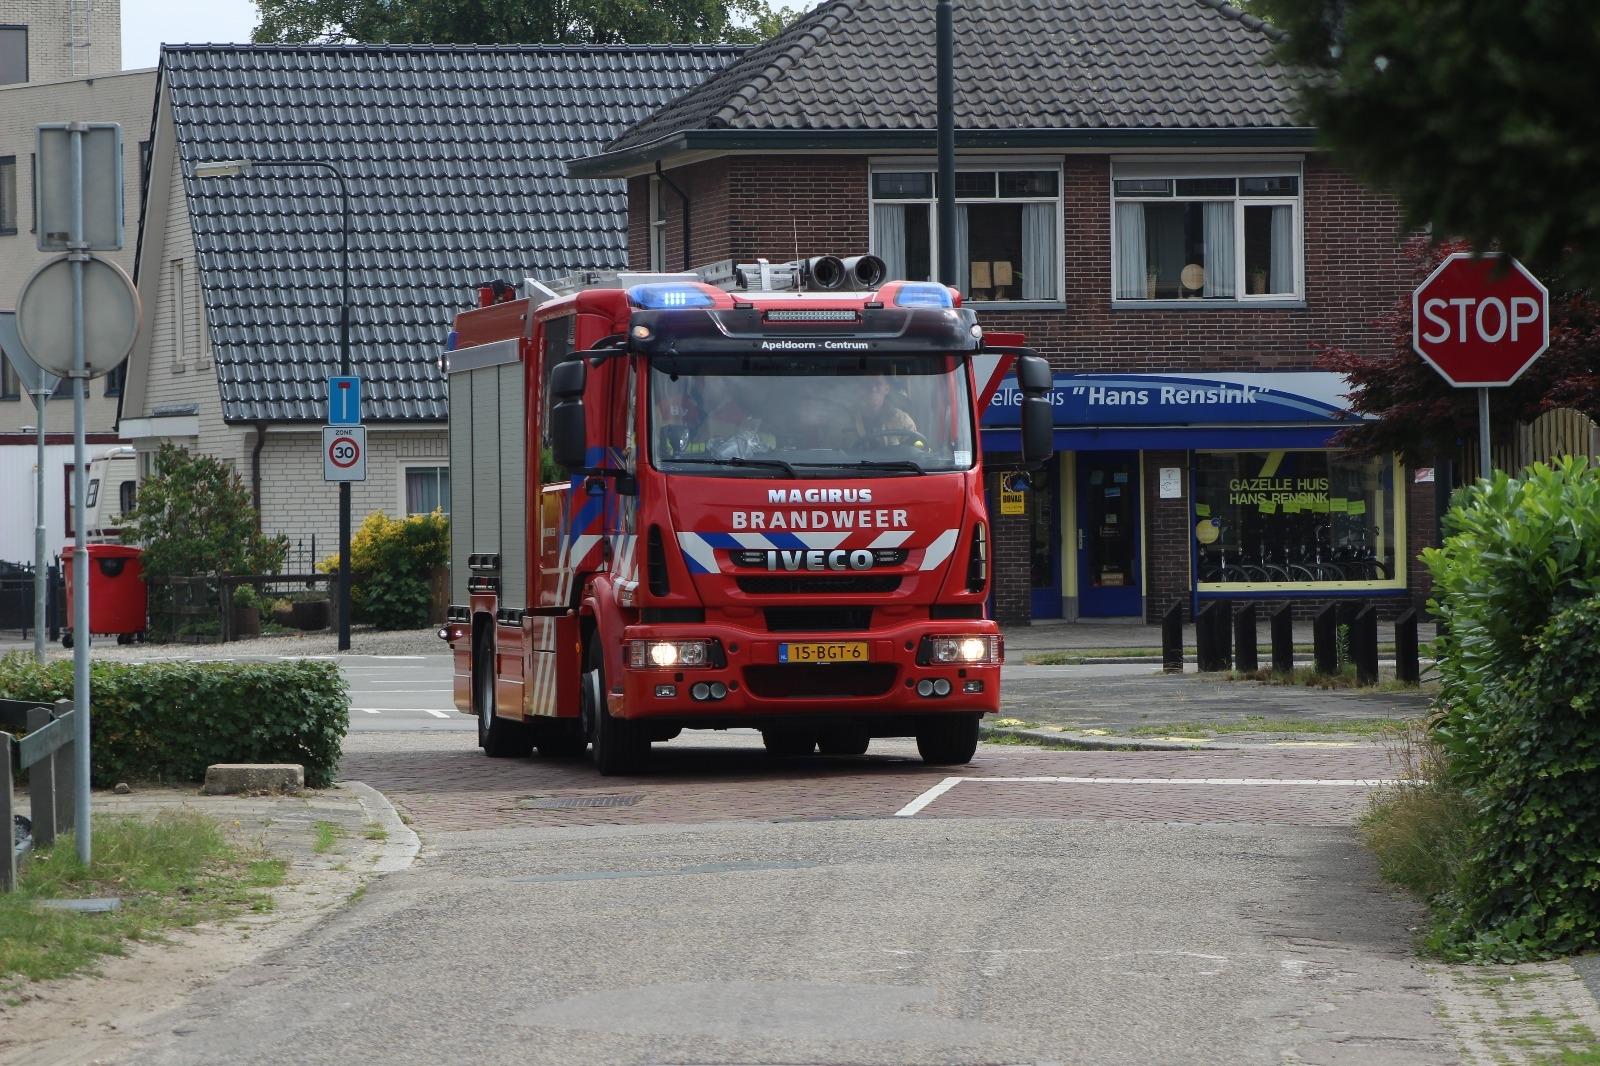 Brandweer voert nacontrole uit na brand bij een woning